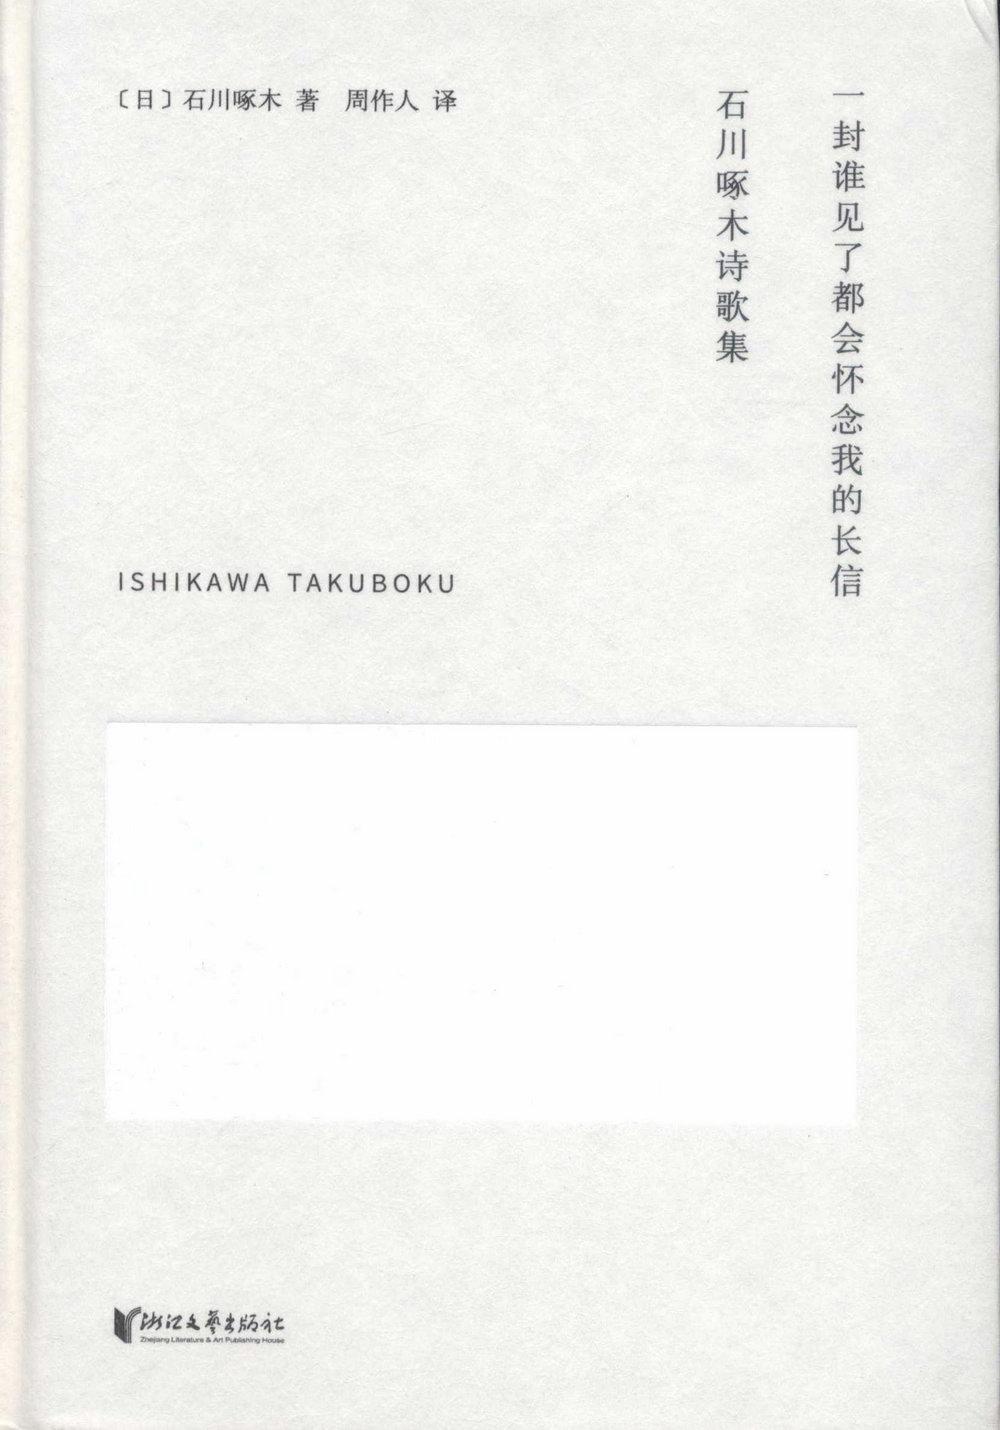 一封誰見了都會懷念我的長信:石川啄木詩歌集